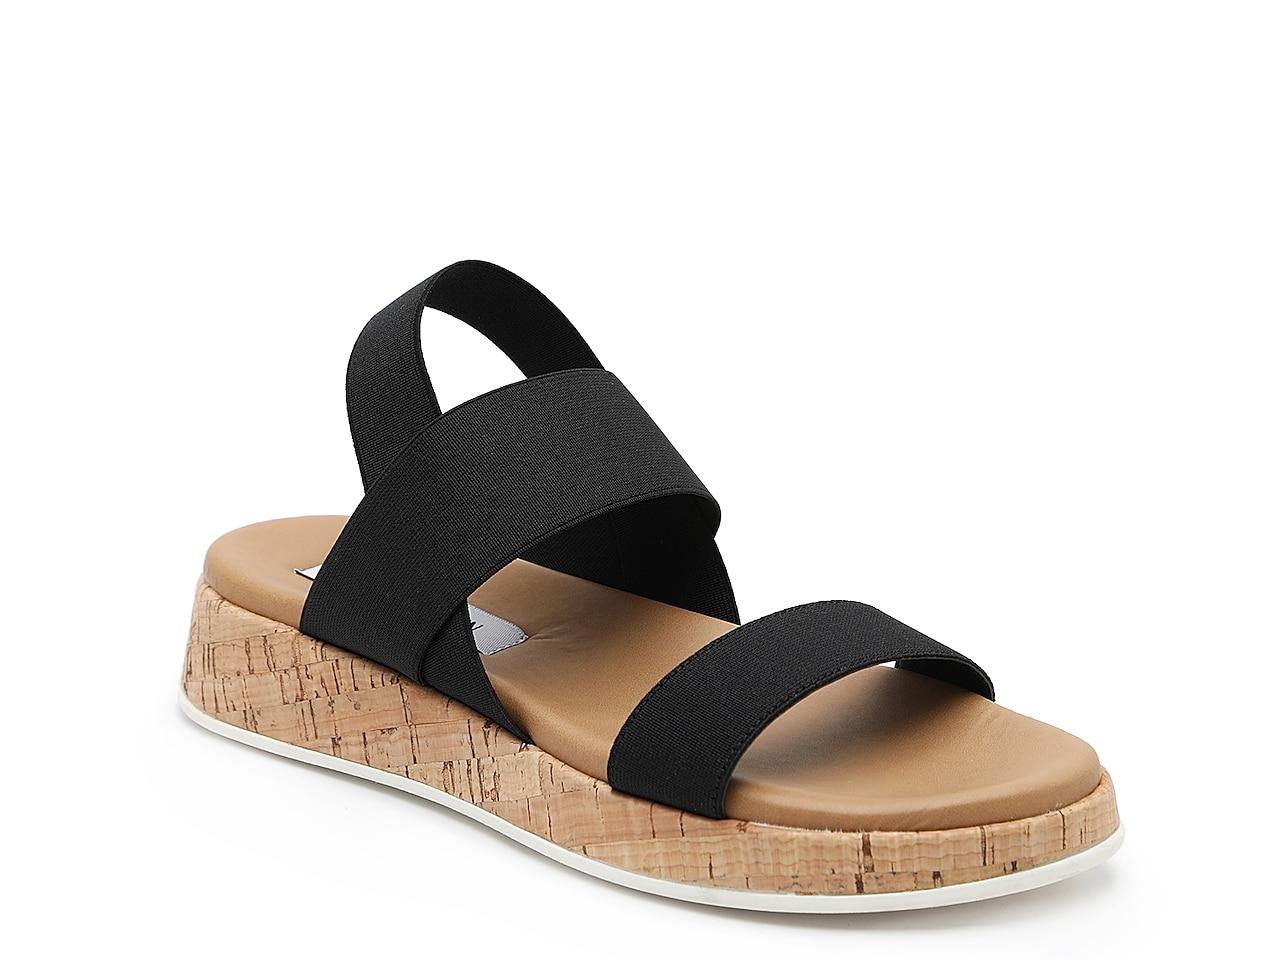 Steve Madden Gladi Sandal